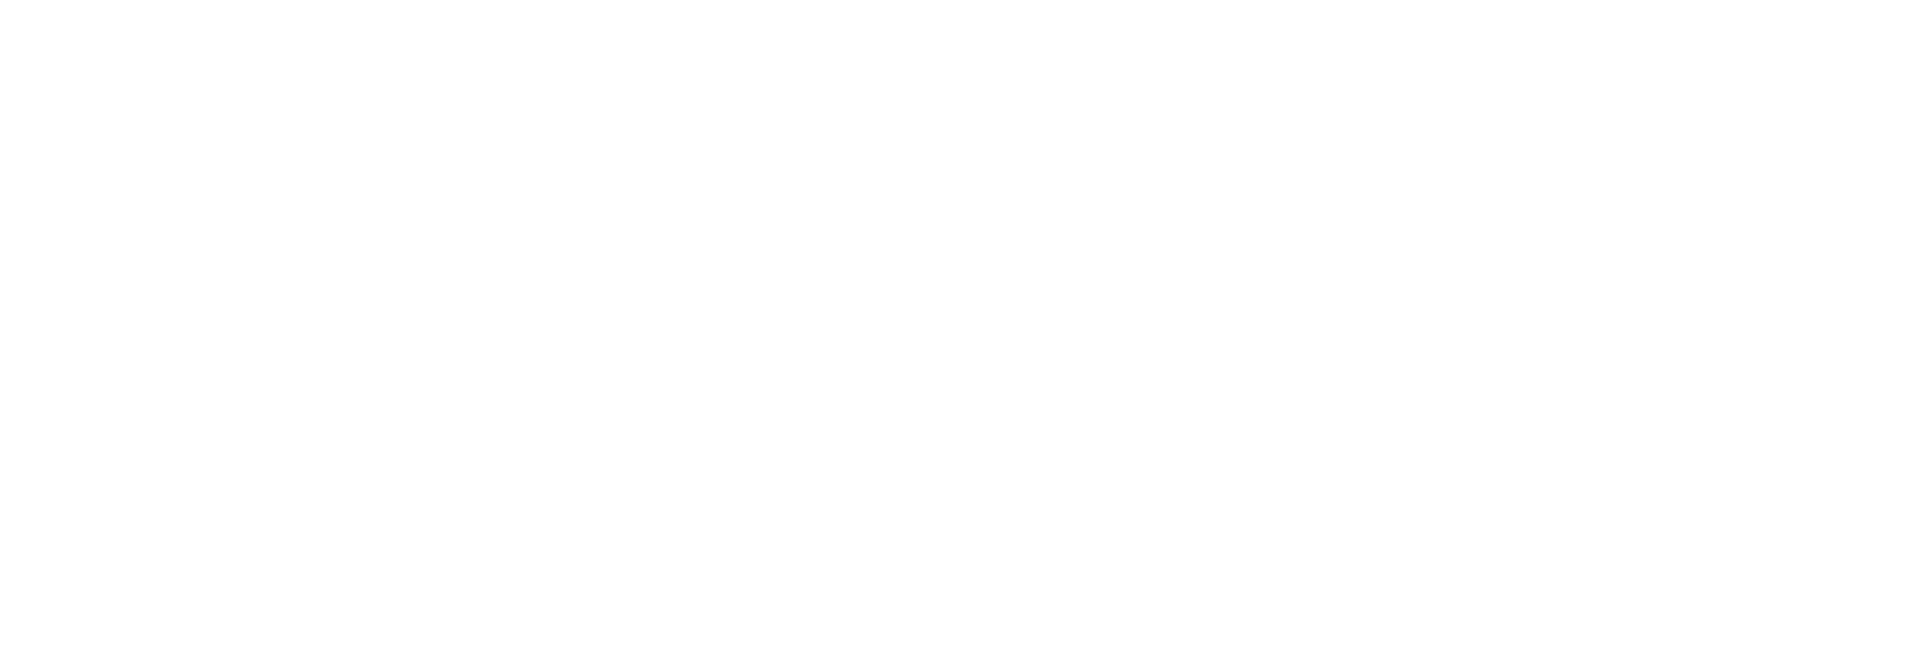 Perles: Framboise, Myrtille, Vinaigre Balsamique de Modène IGP, Sauce Soja